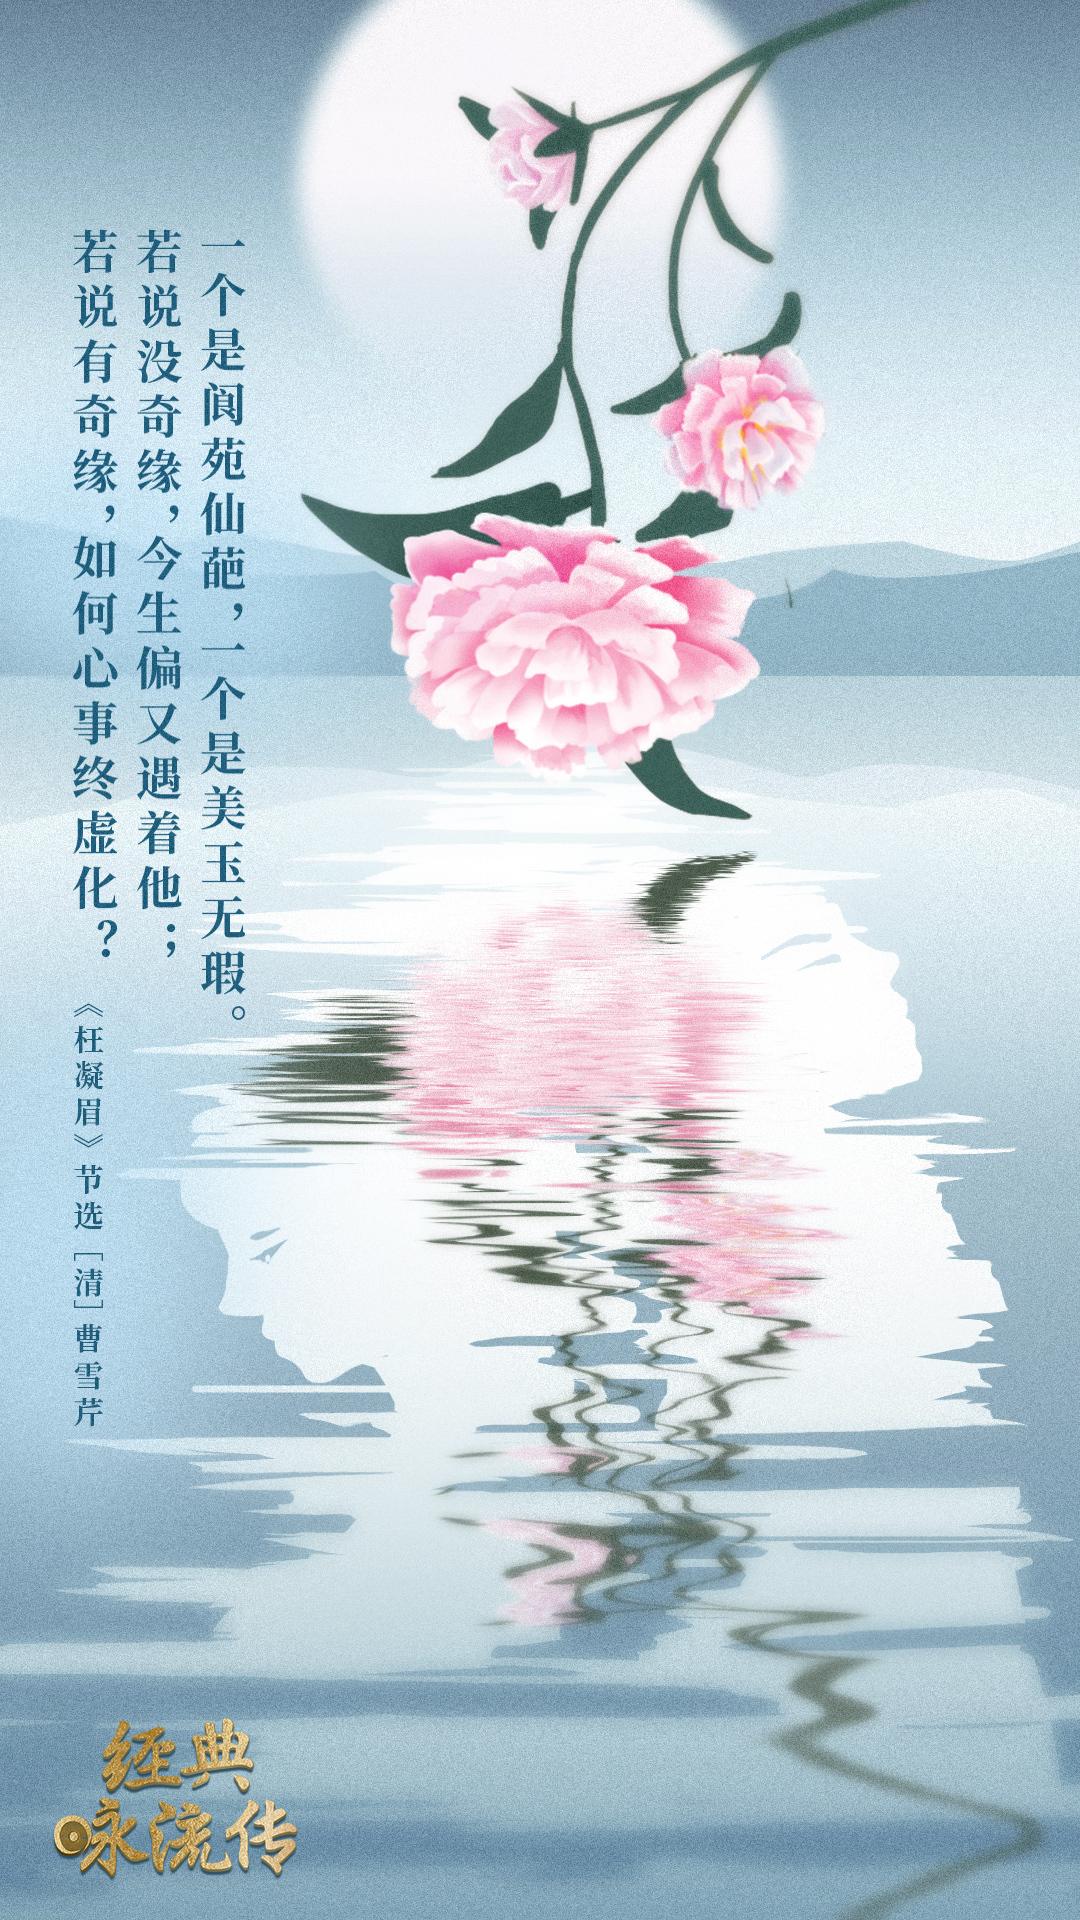 《经典咏流传》诗词意境海报合集 欣赏-第27张